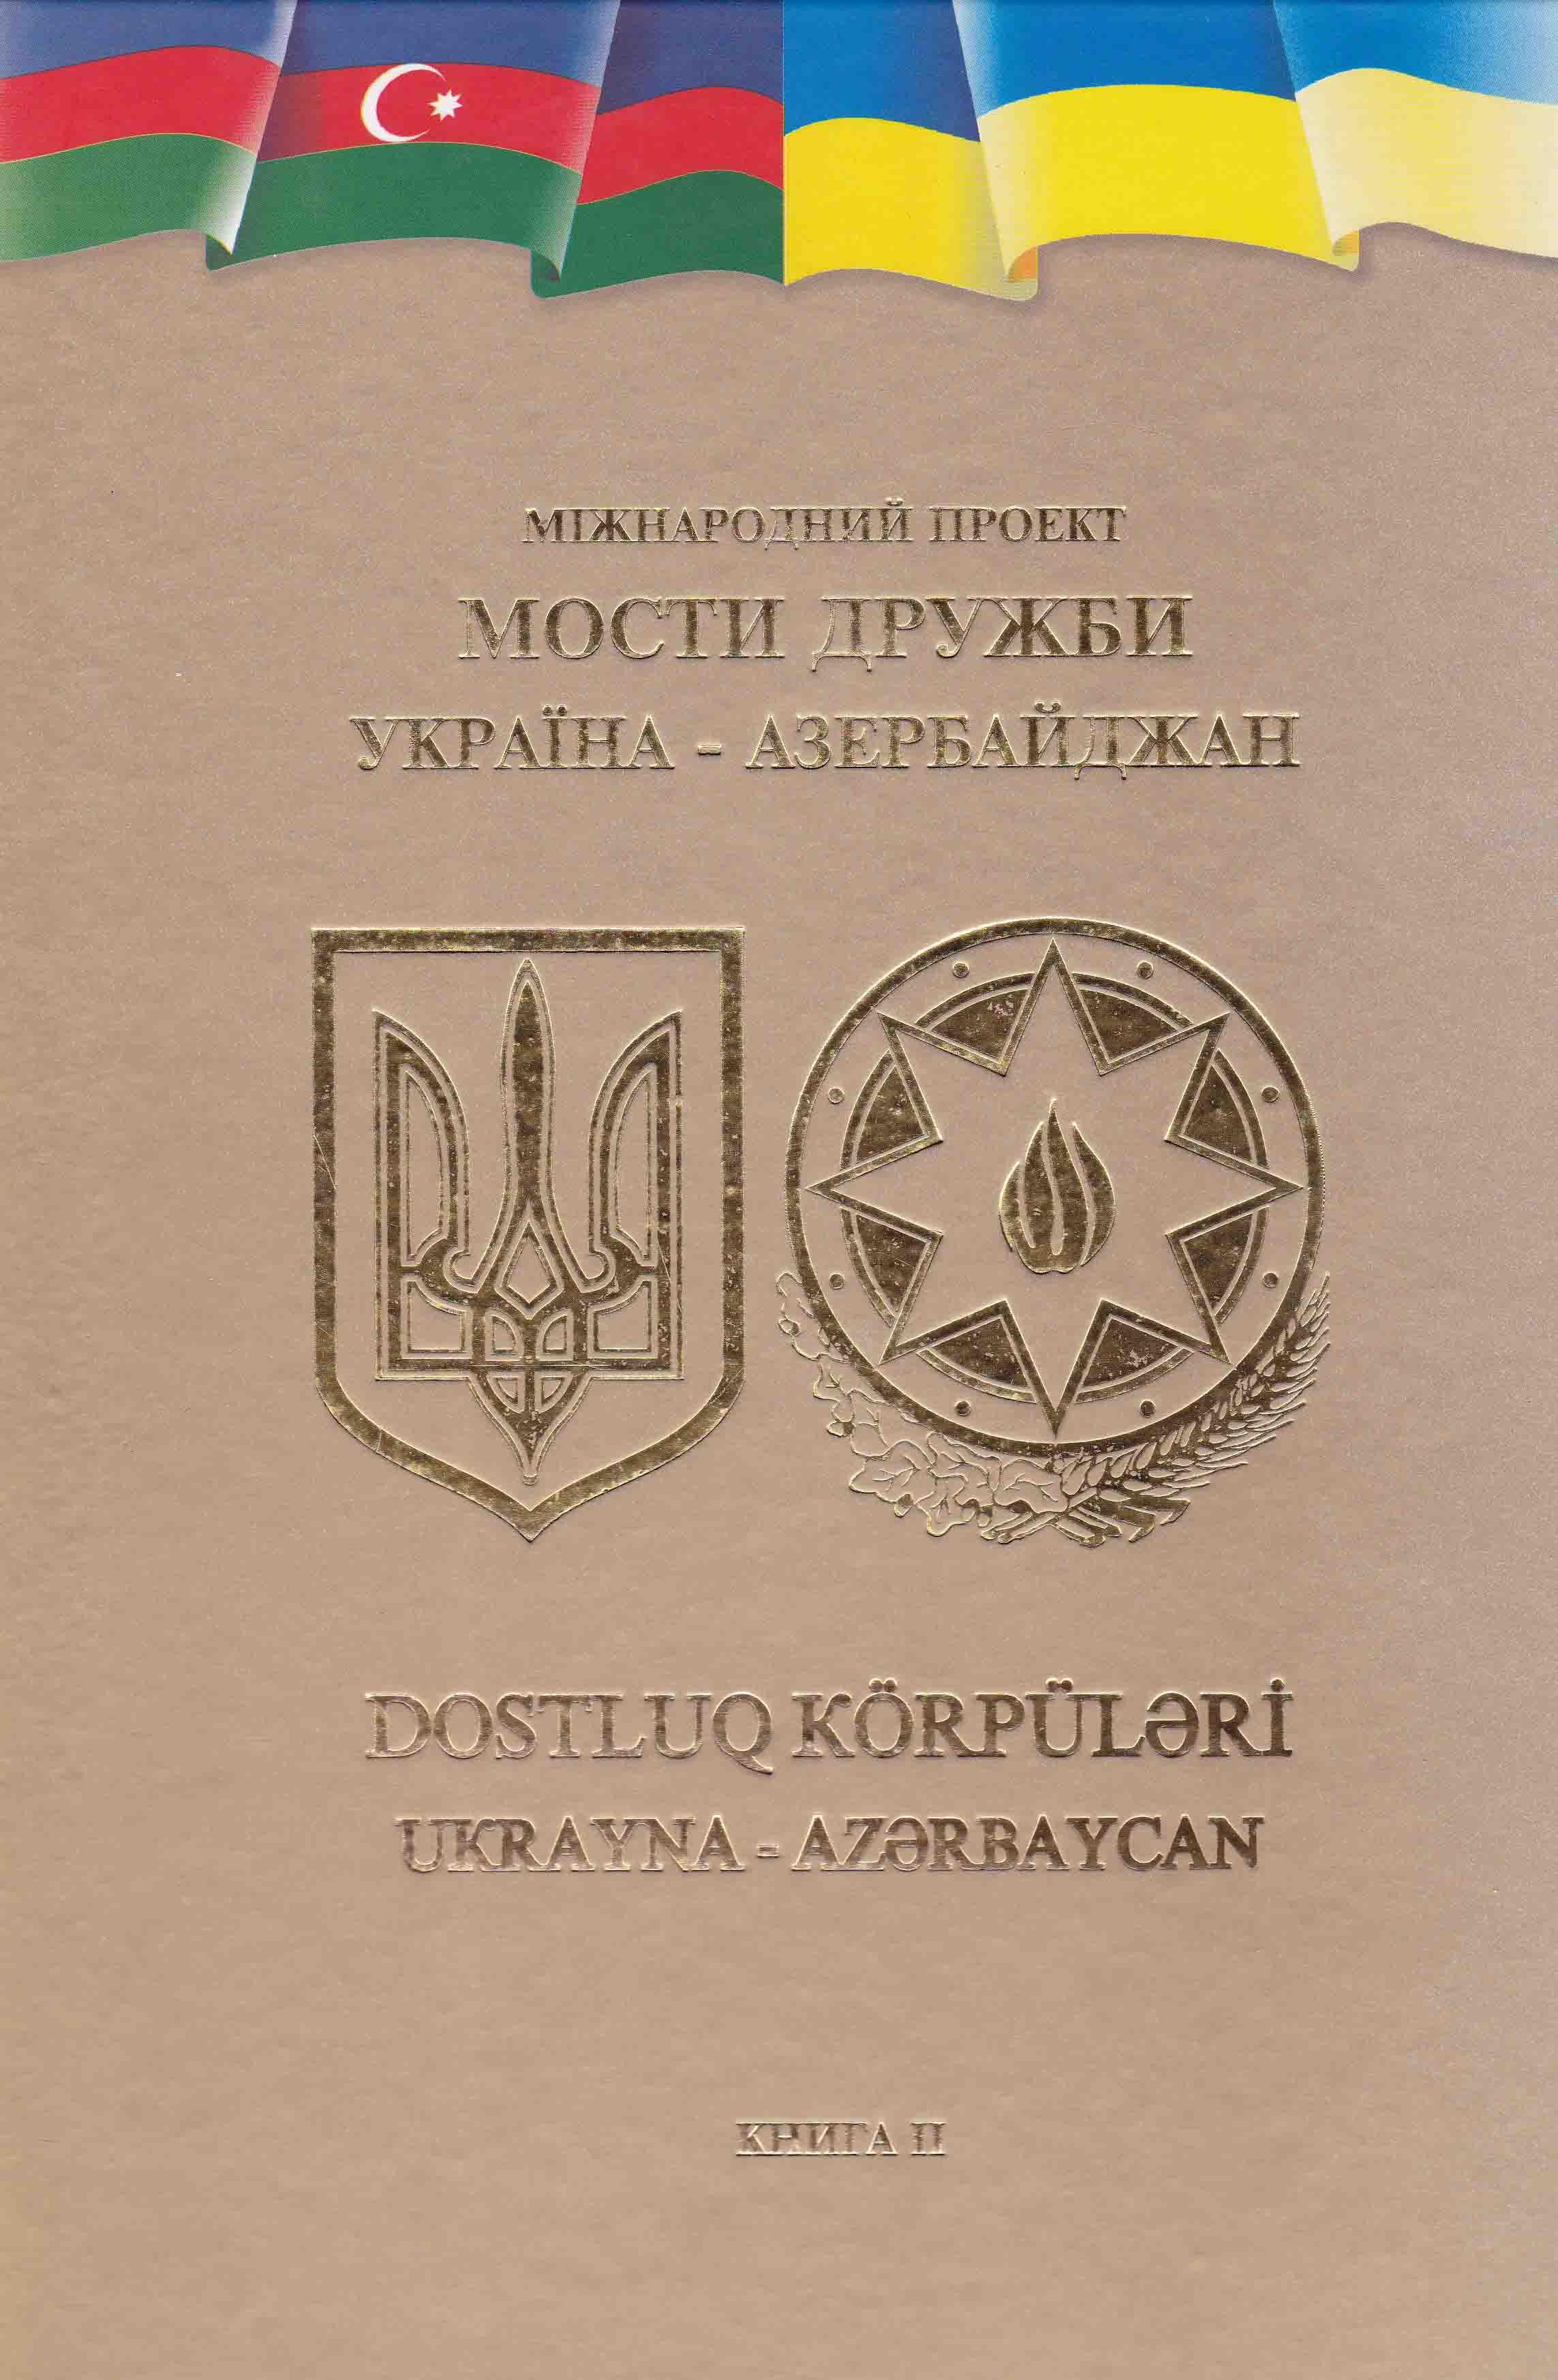 Мости дружби. Україна - Азербайджан. Книга ІІ